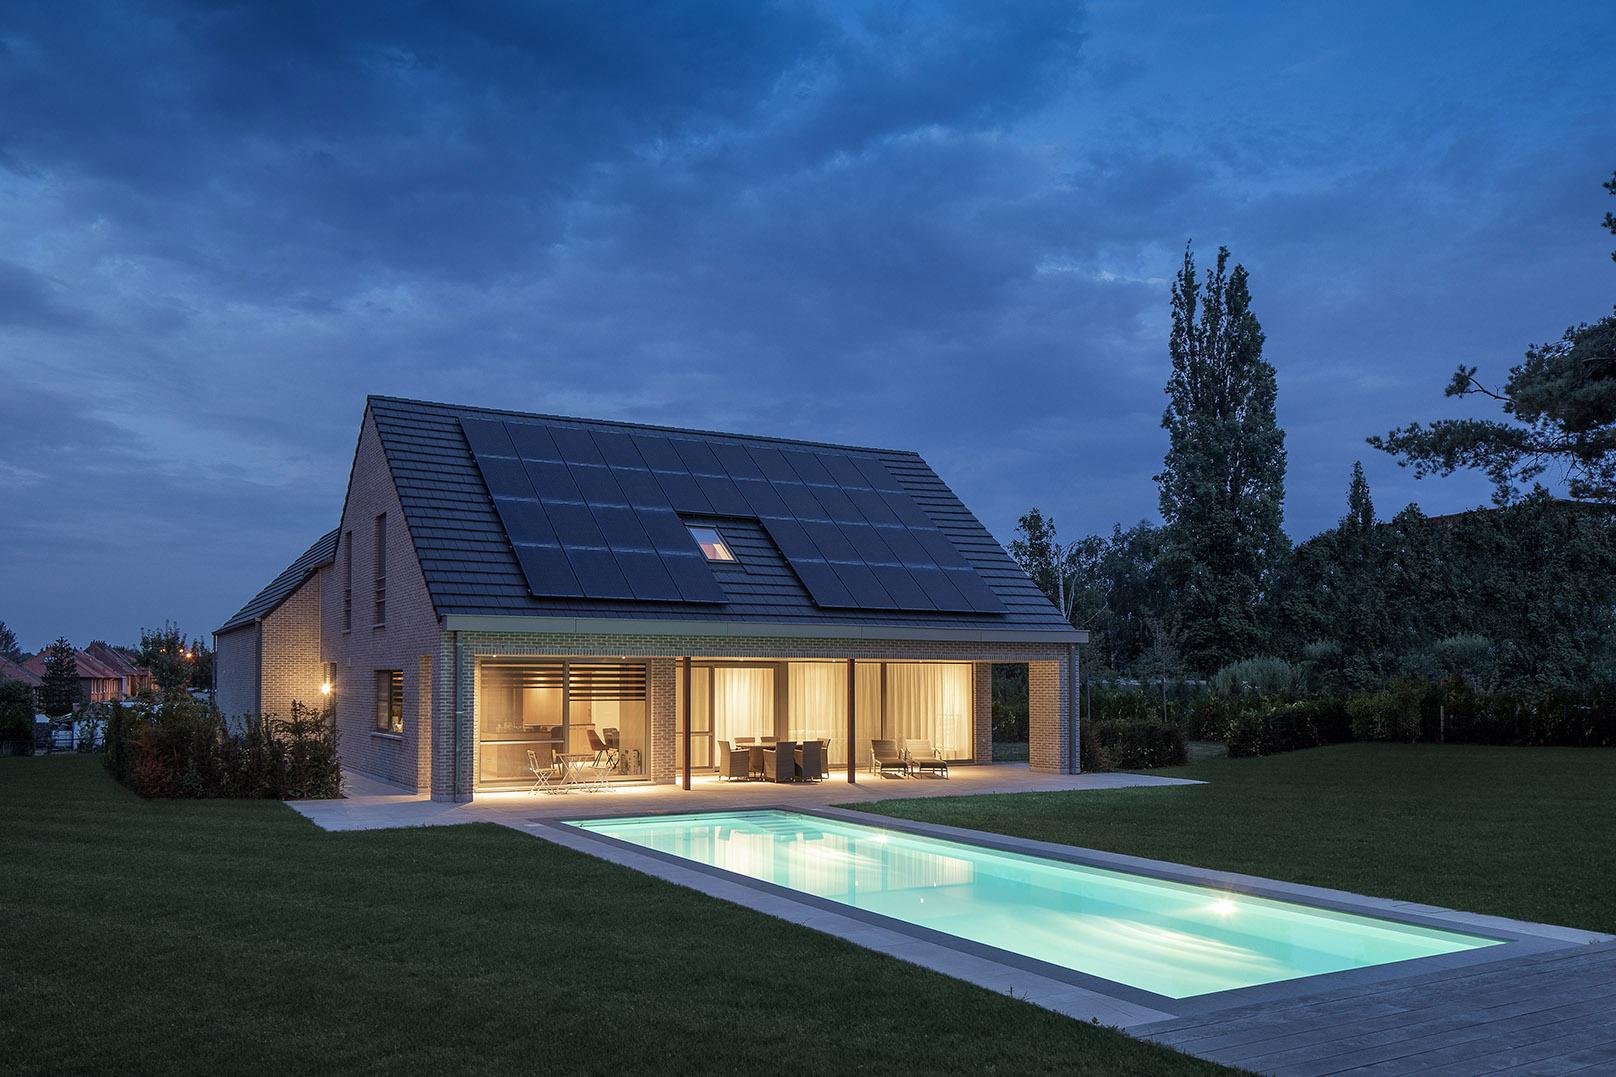 De woning is voorzien van een ingebouwd zwembad en een extra doucheruimte op het gelijkvloerS.